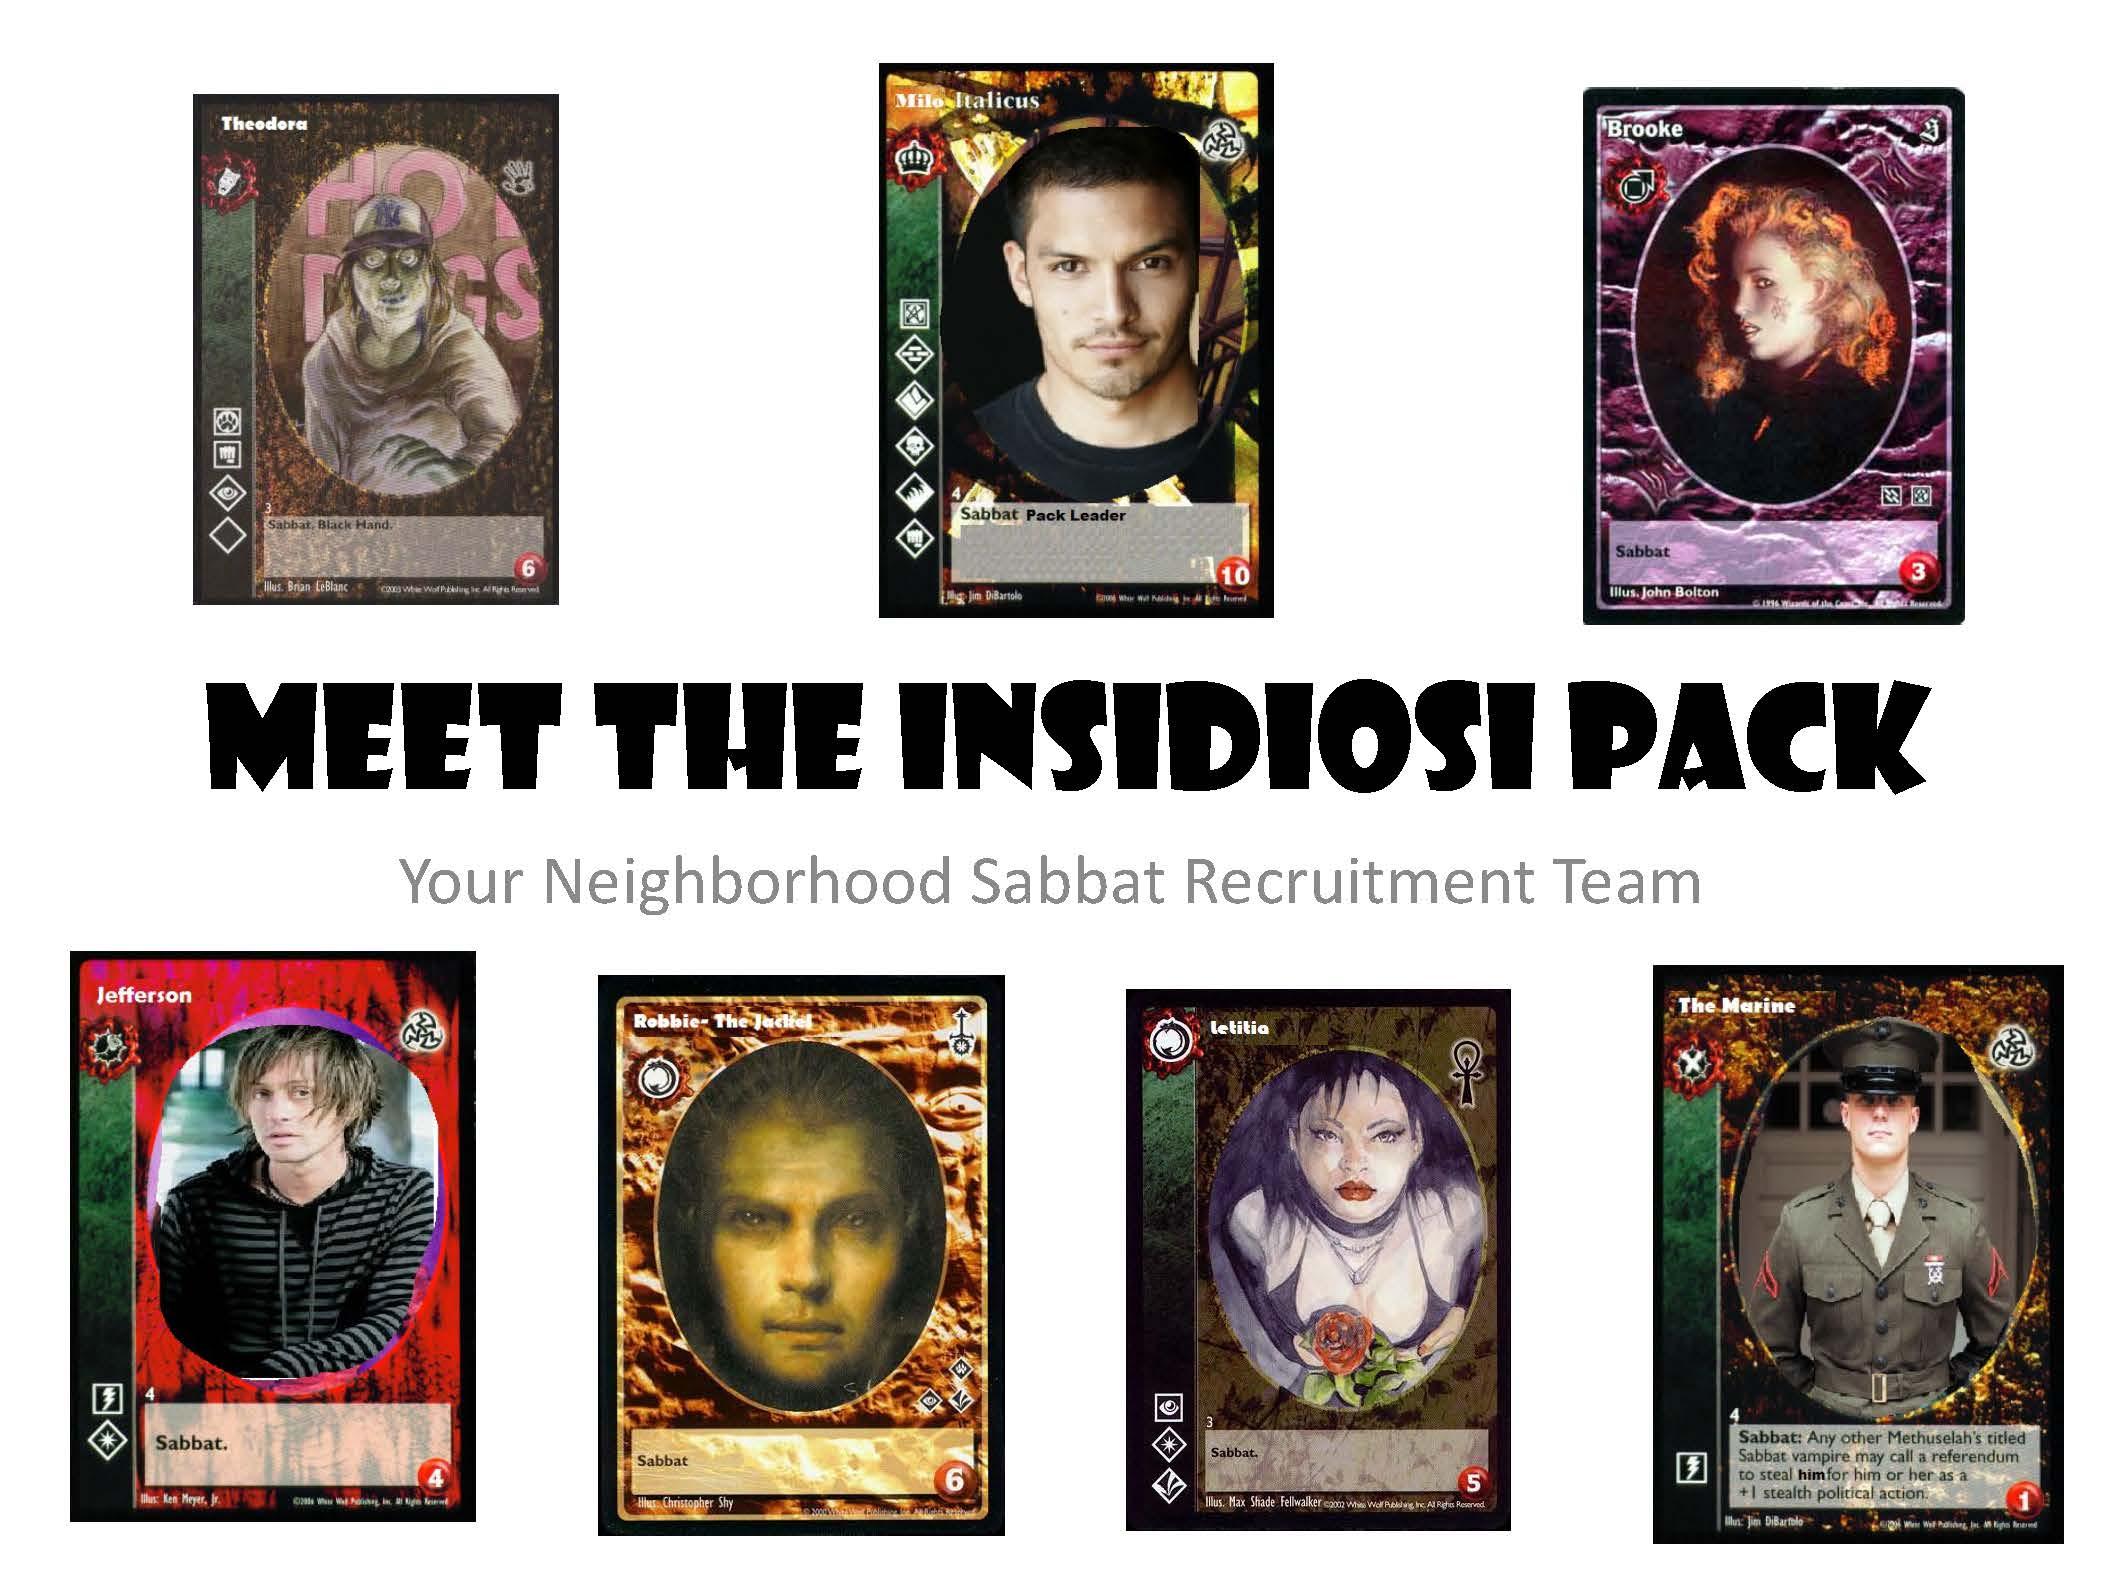 Sabbat insidiosi pack